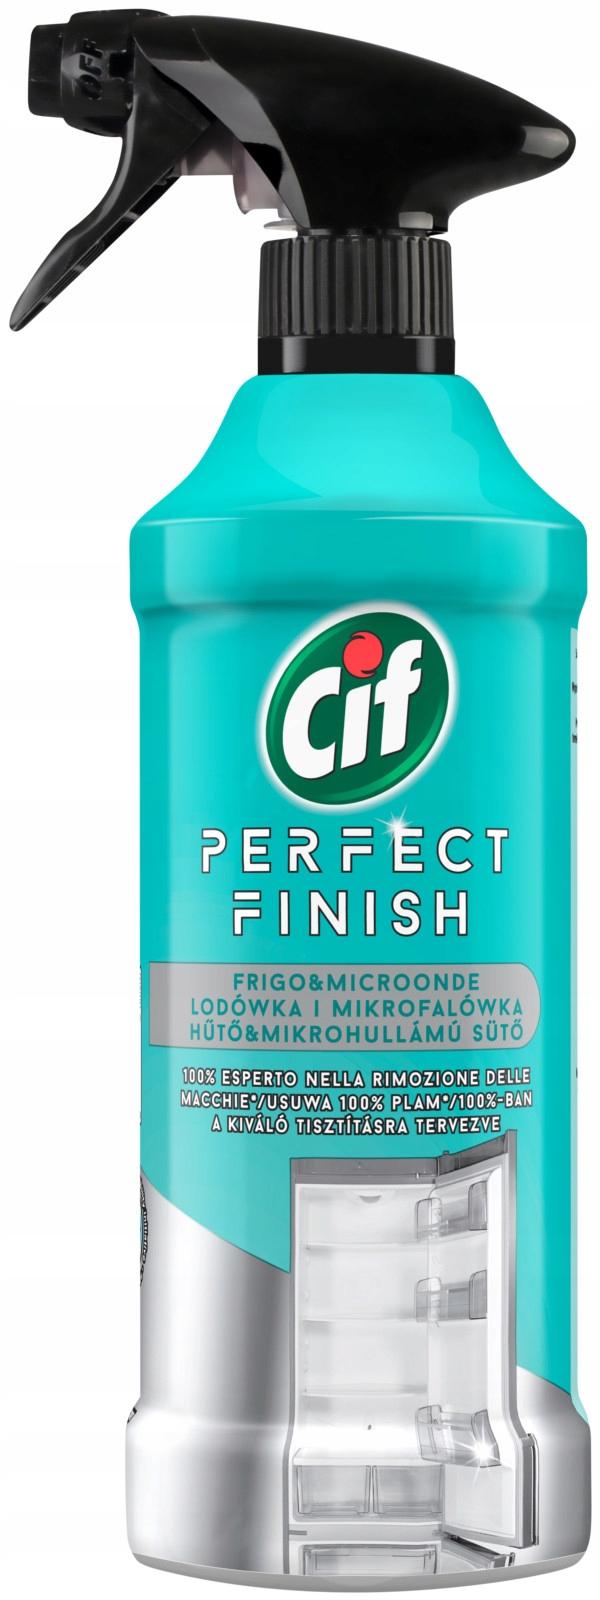 Cif Perfect Finish? Profile холодильники? микроволновые печи 435?